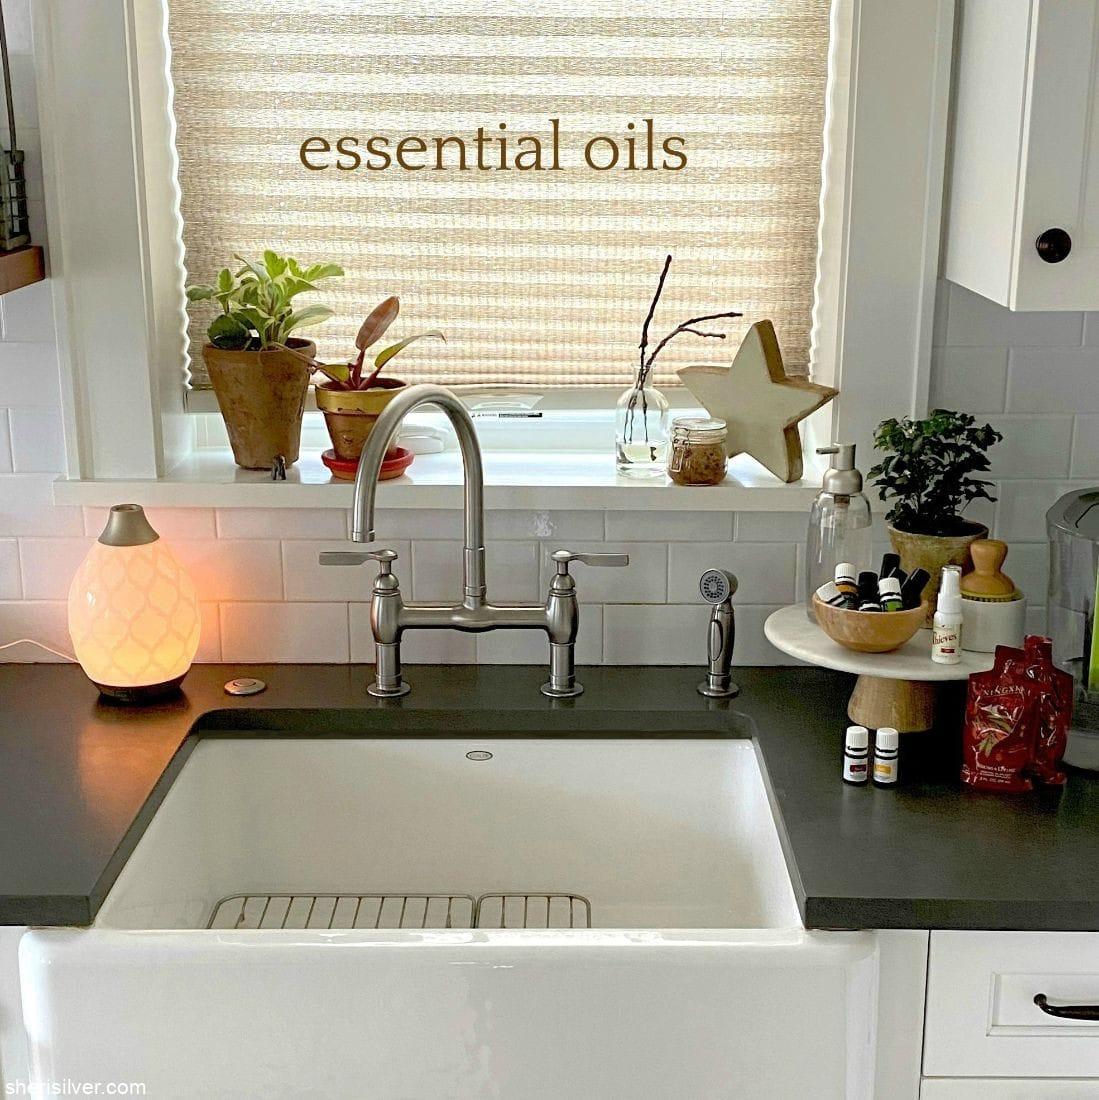 Essential Oils l sherisilver.com